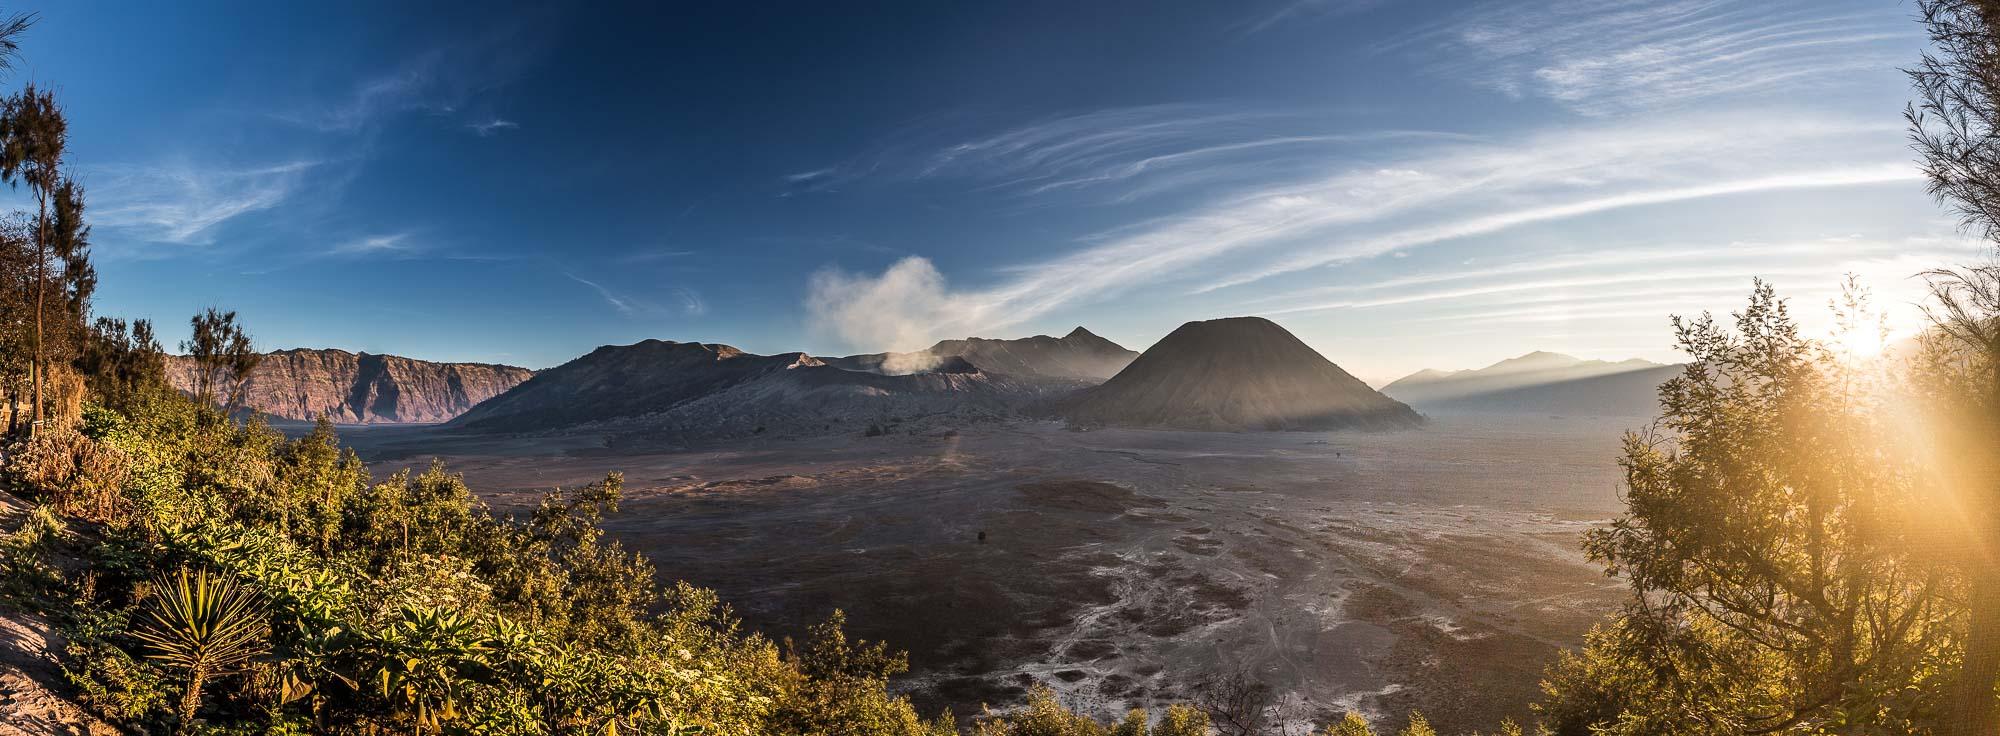 Mount Bromo - Jus Medic